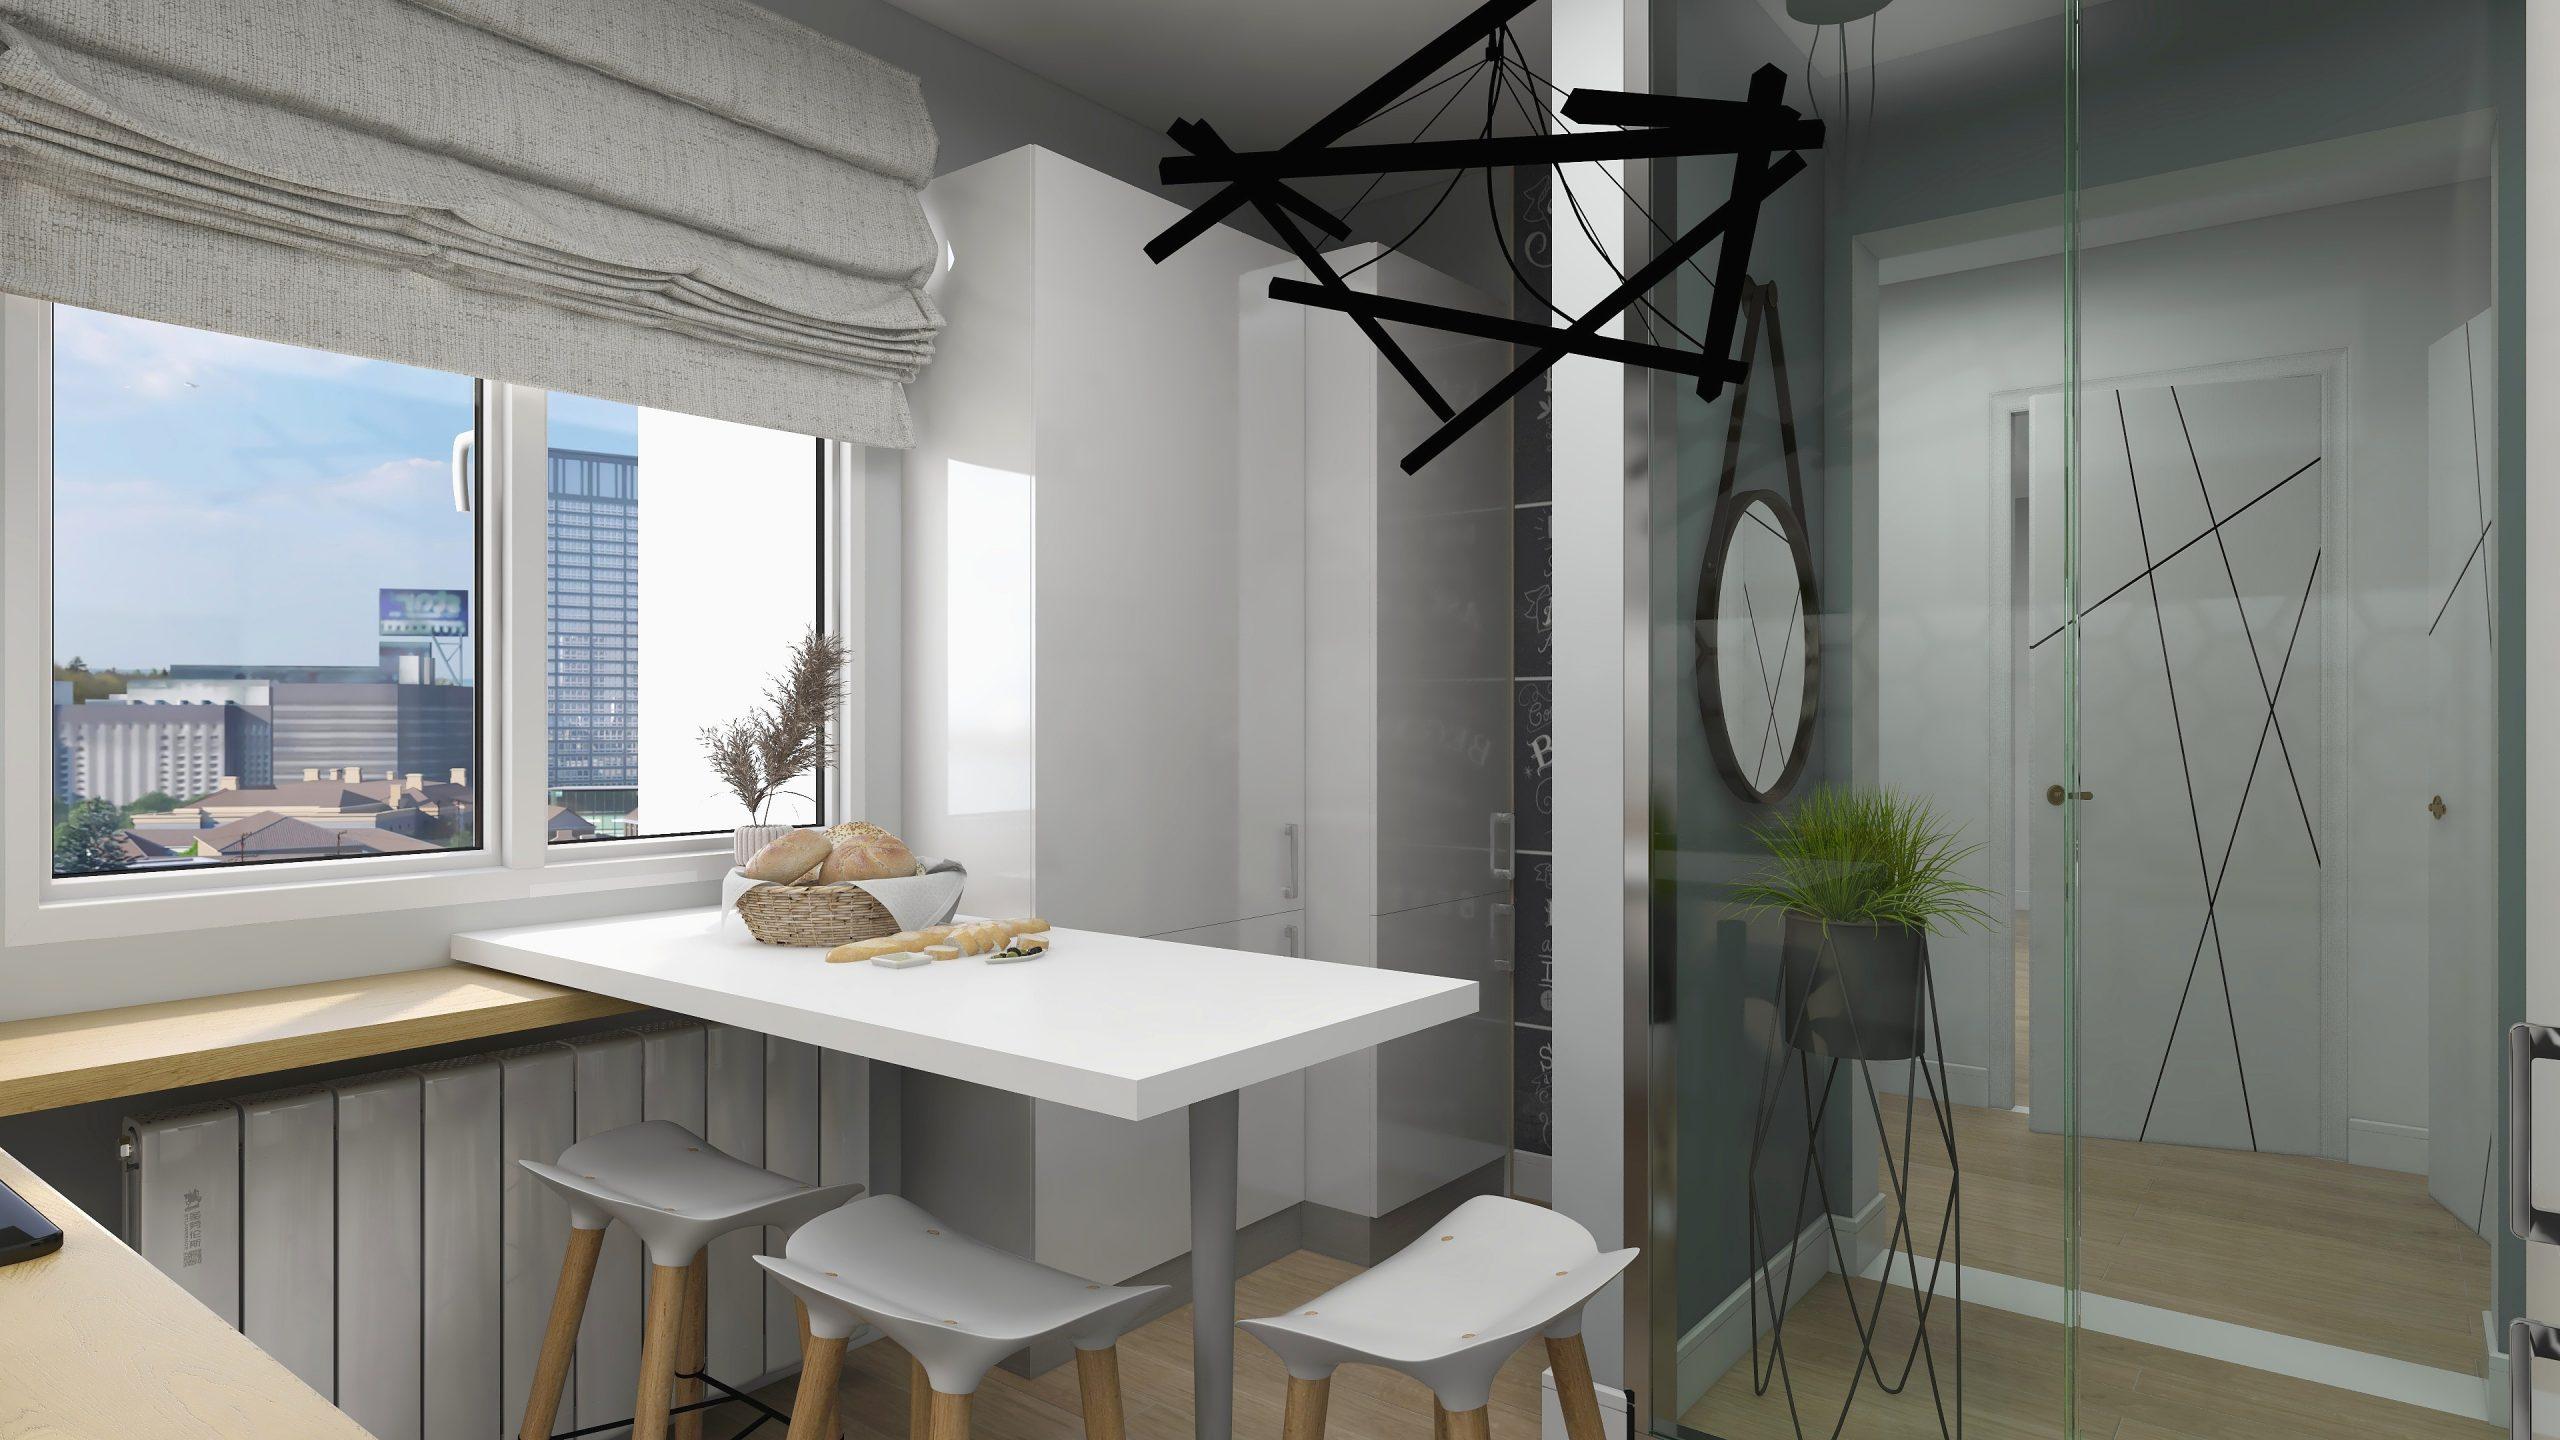 Bucatarie in stil contemporan cu elemente combinate alb, gri si negru